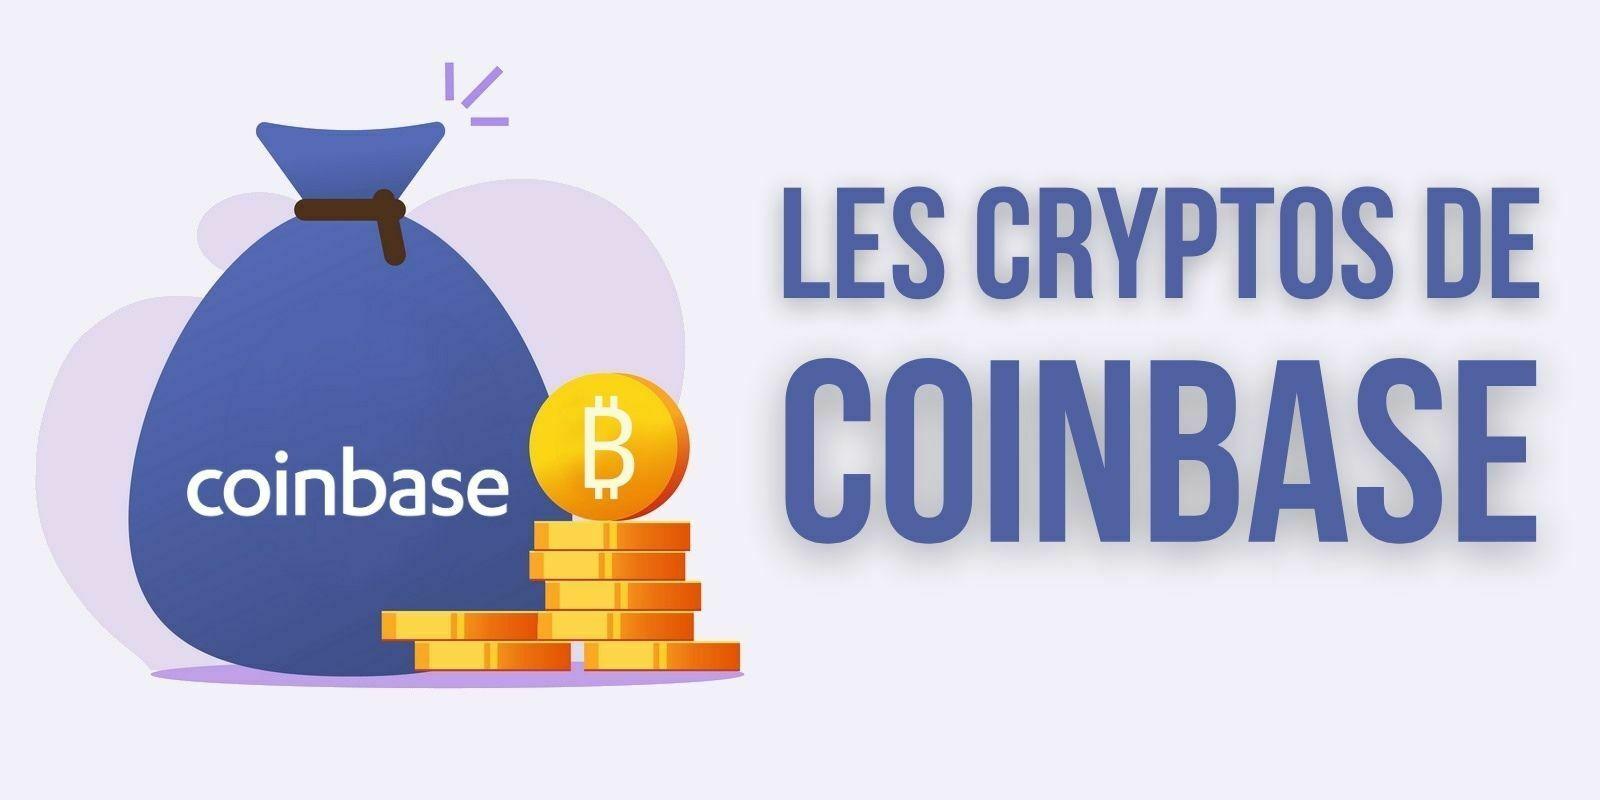 11% de la capitalisation des cryptomonnaies serait stockée sur Coinbase